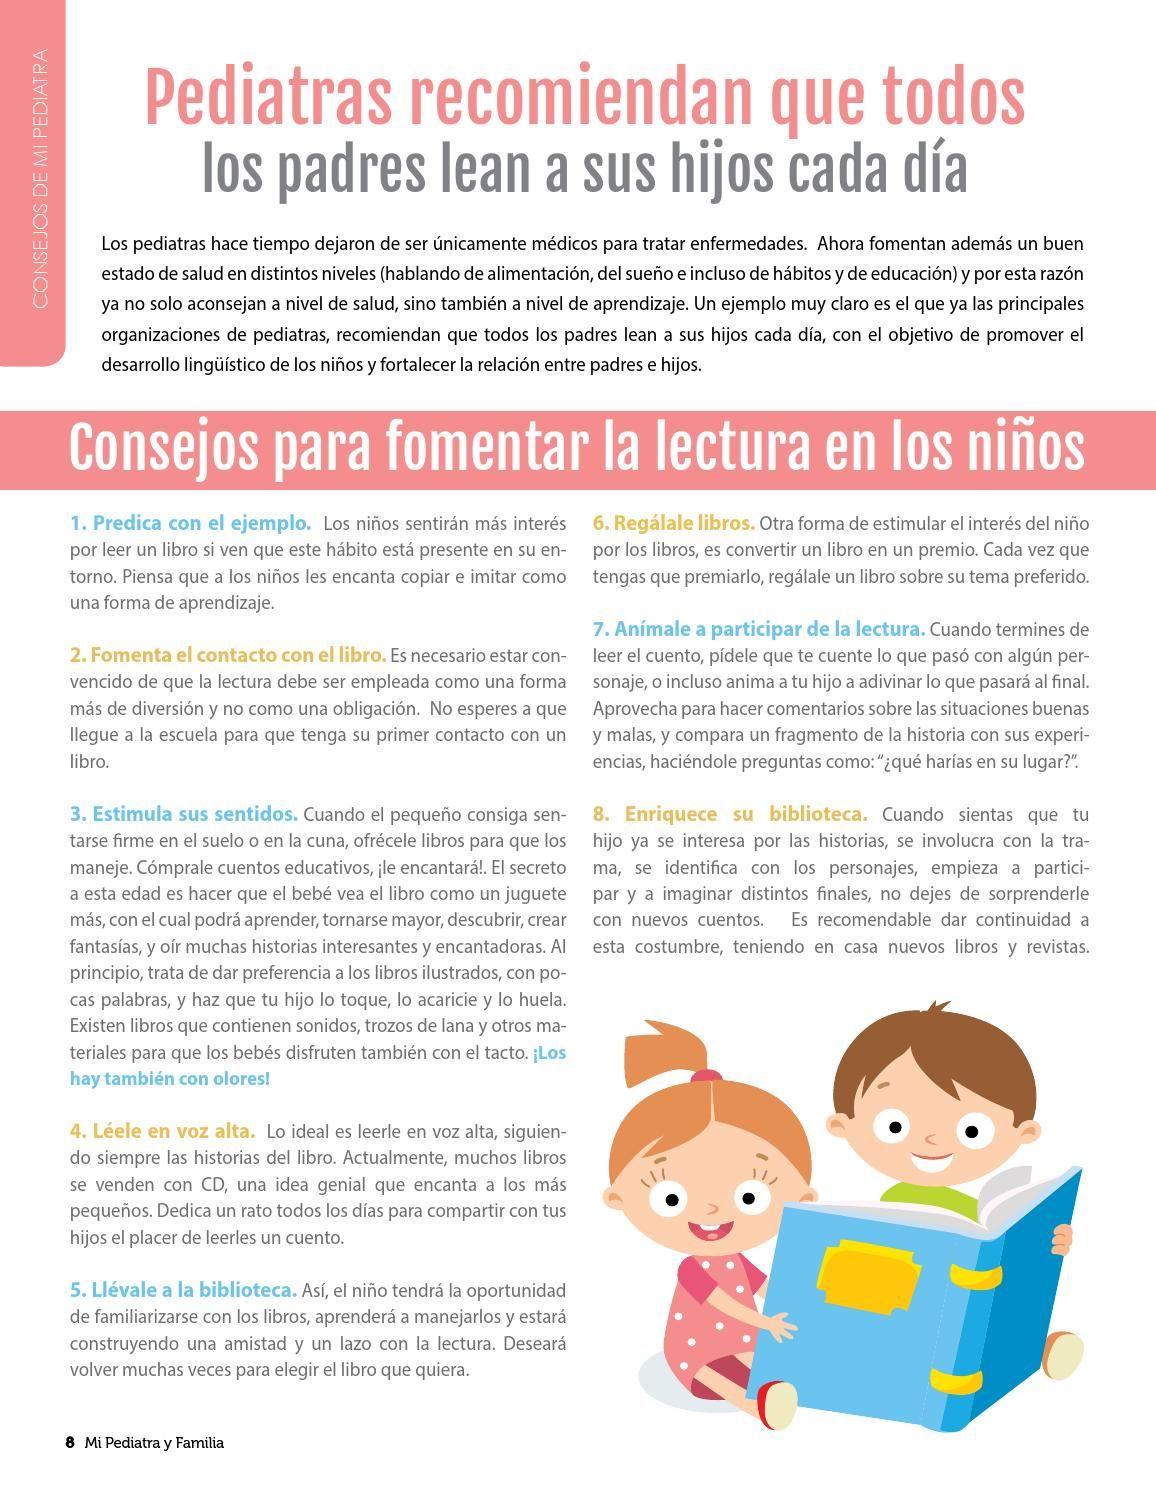 Revista Mi Pediatra y Familia La revista de los pediatras y de mamá - Derechos Reservados- 2015